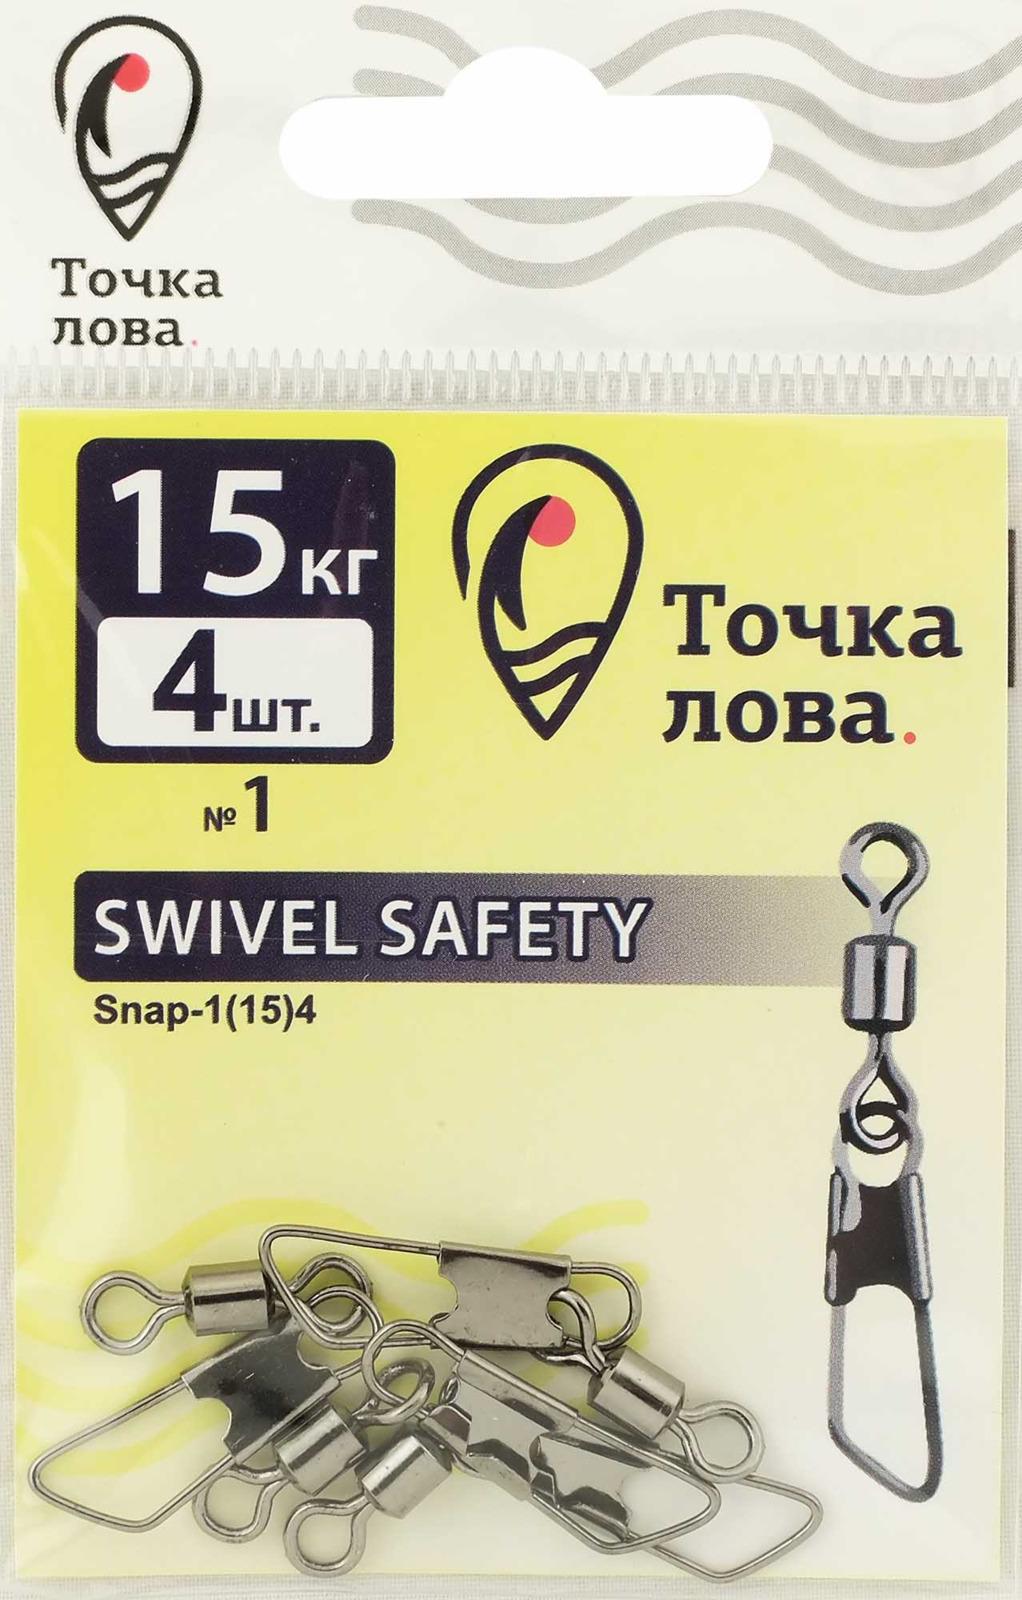 Аксессуар для рыбалки Точка Лова Застежка, с вертлюгом, Snap-1(15), 4 шт